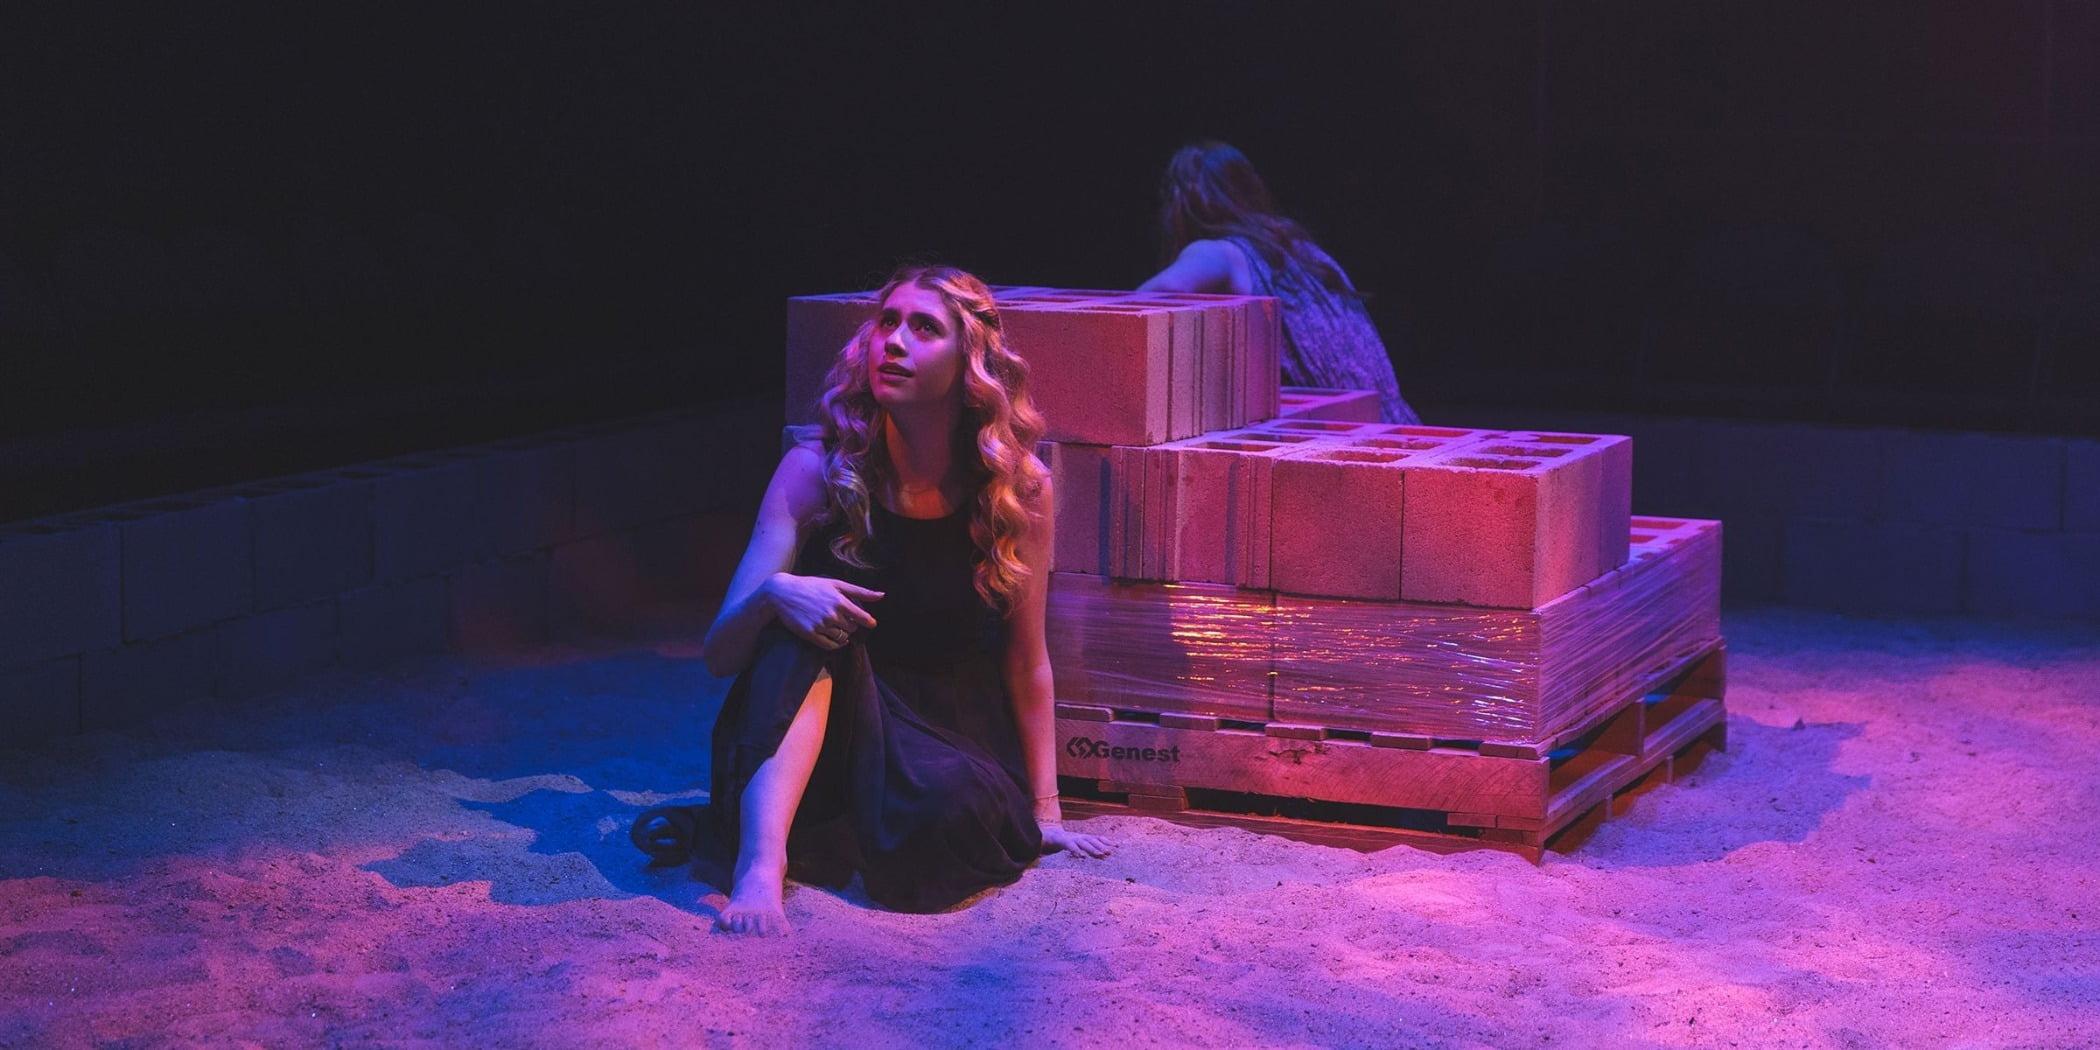 Performing arts, Blue, Purple, Entertainment, Violet